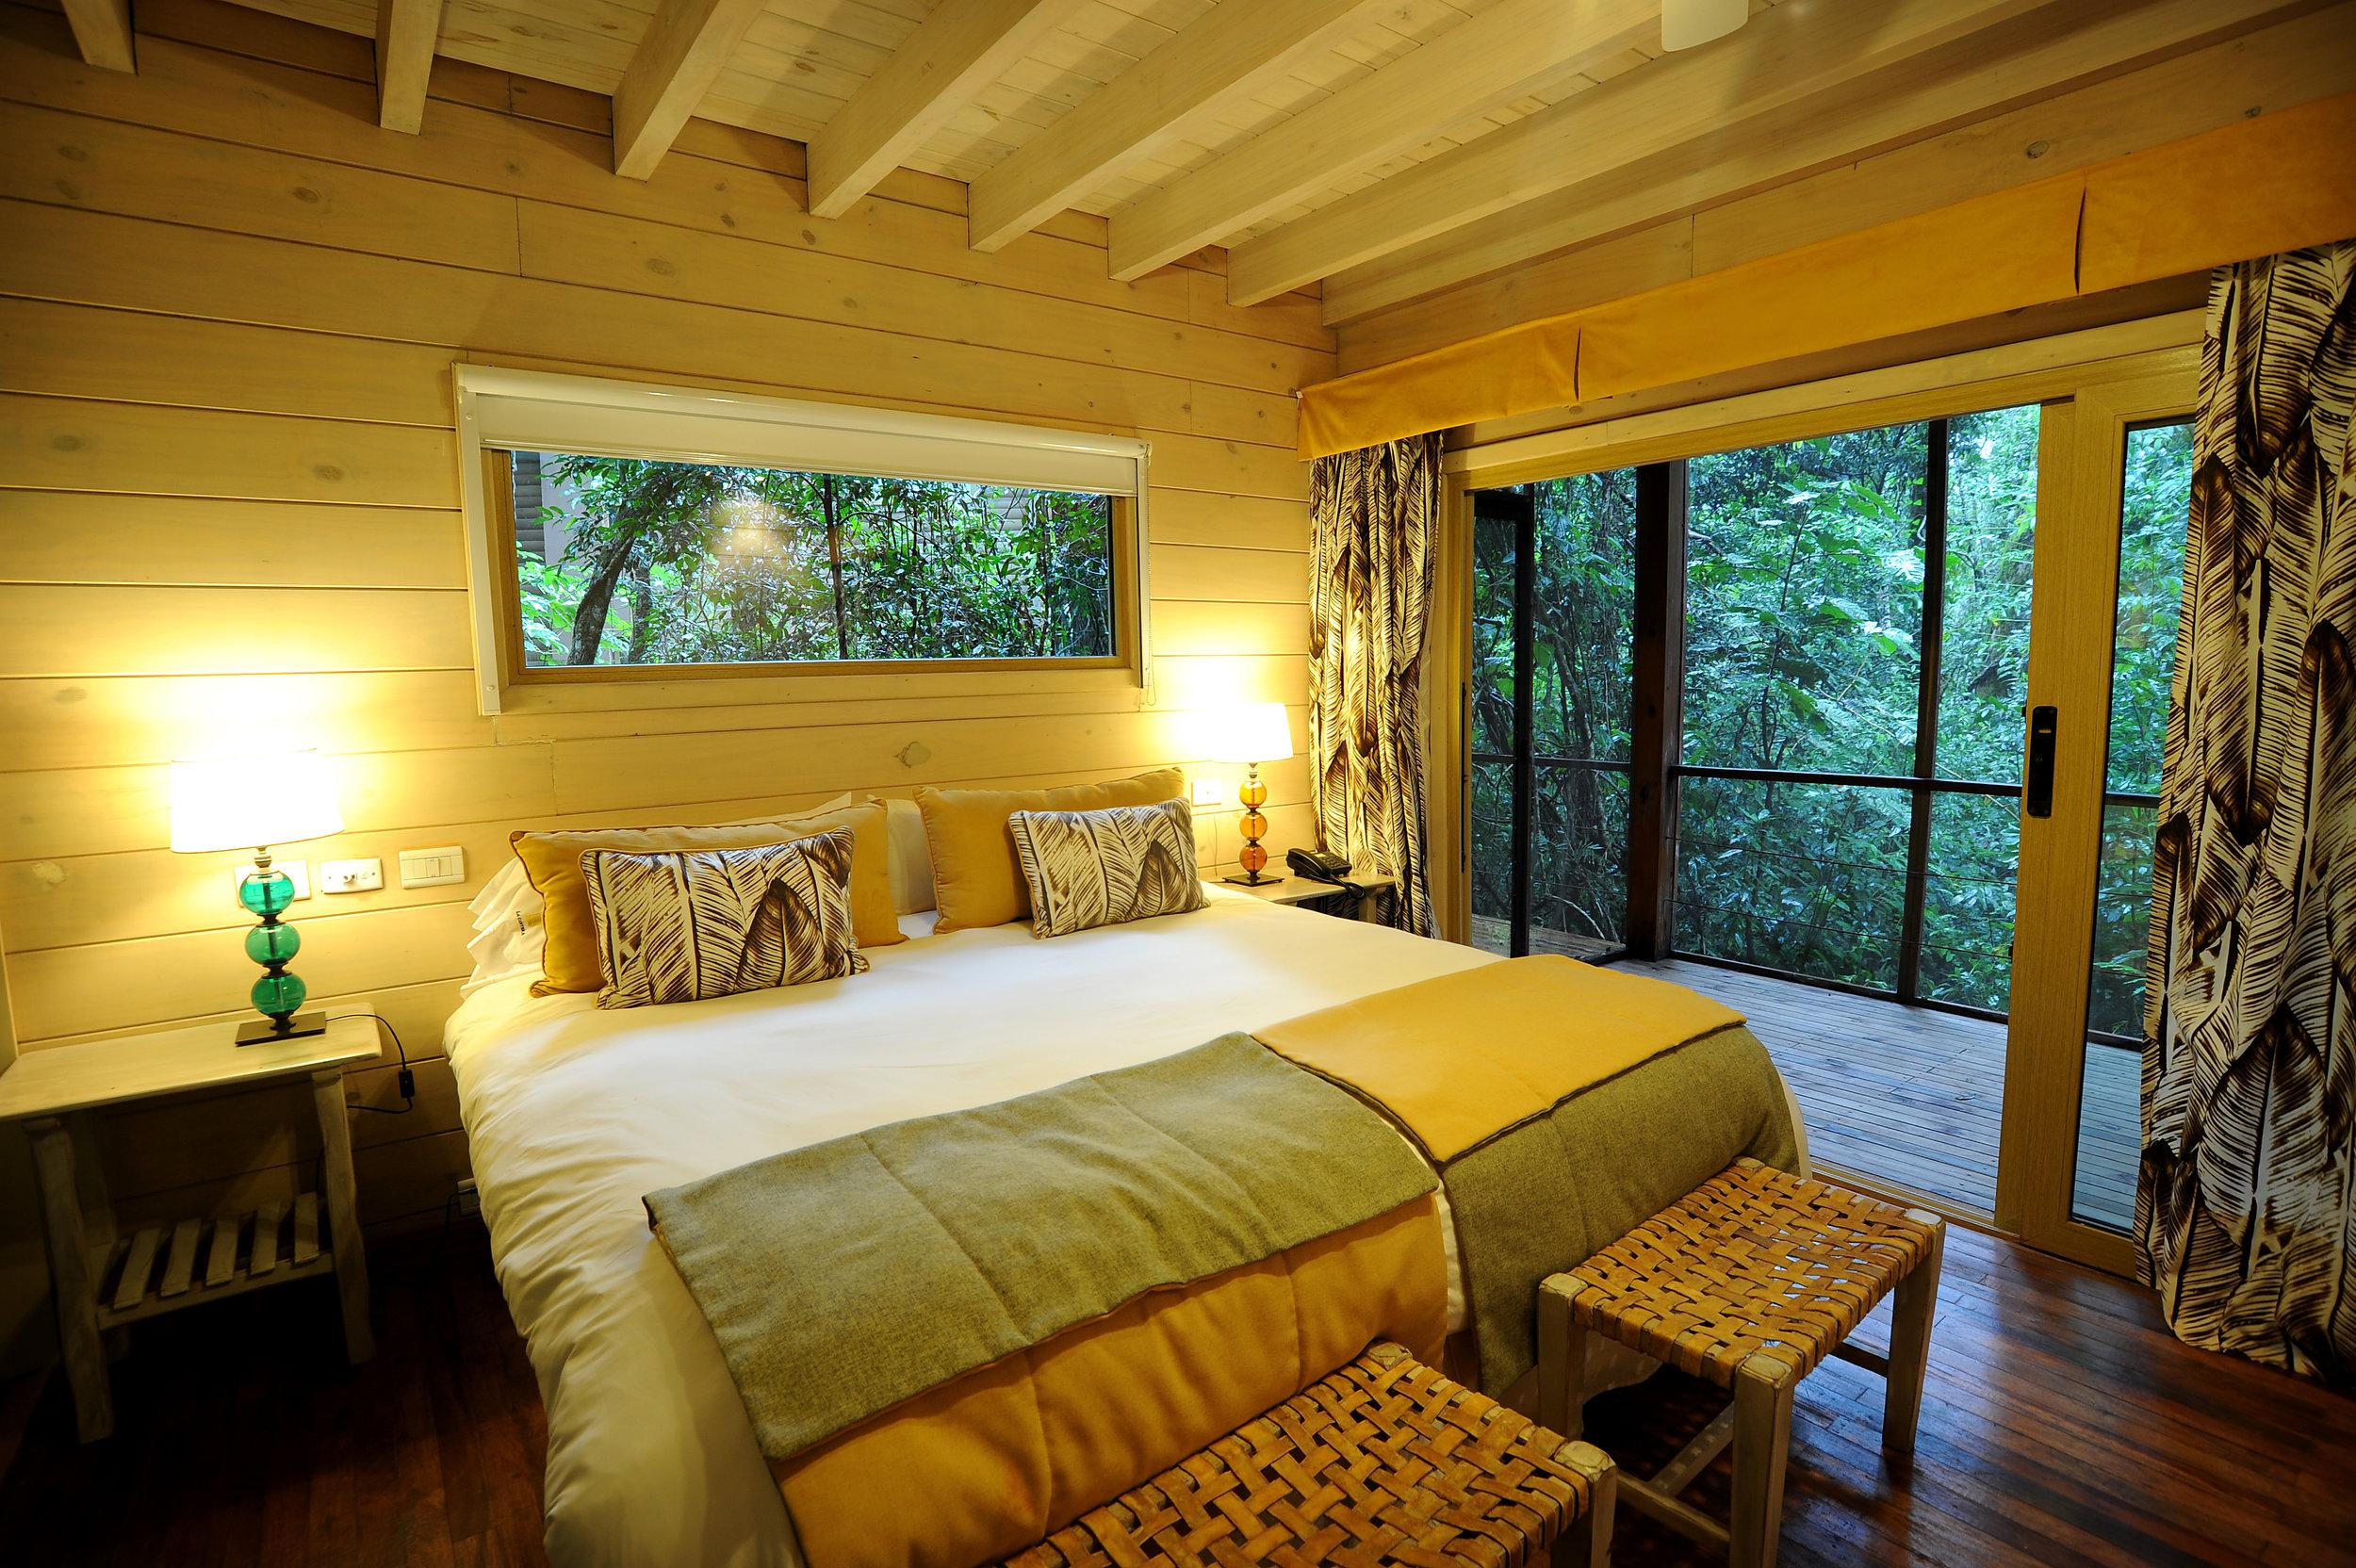 Hotelli, Argentiina, Iguazu, matka, matkablogi